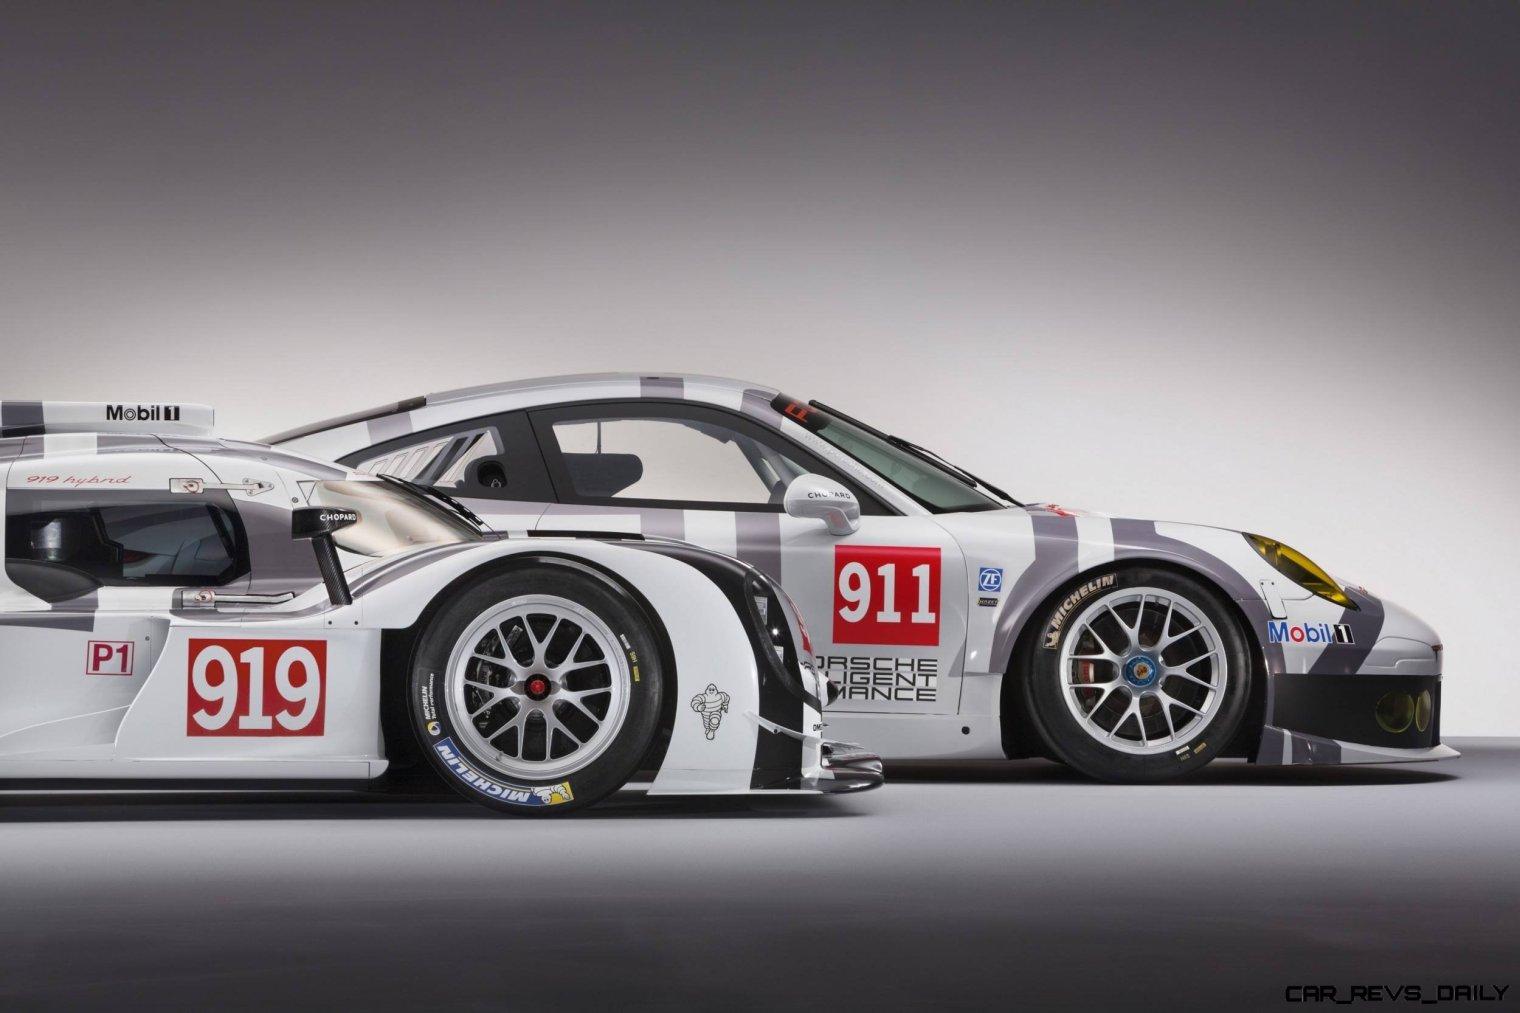 2014 Porsche Motorsport Worldwide- 919 Hybrid-911 RSR Nose Profile